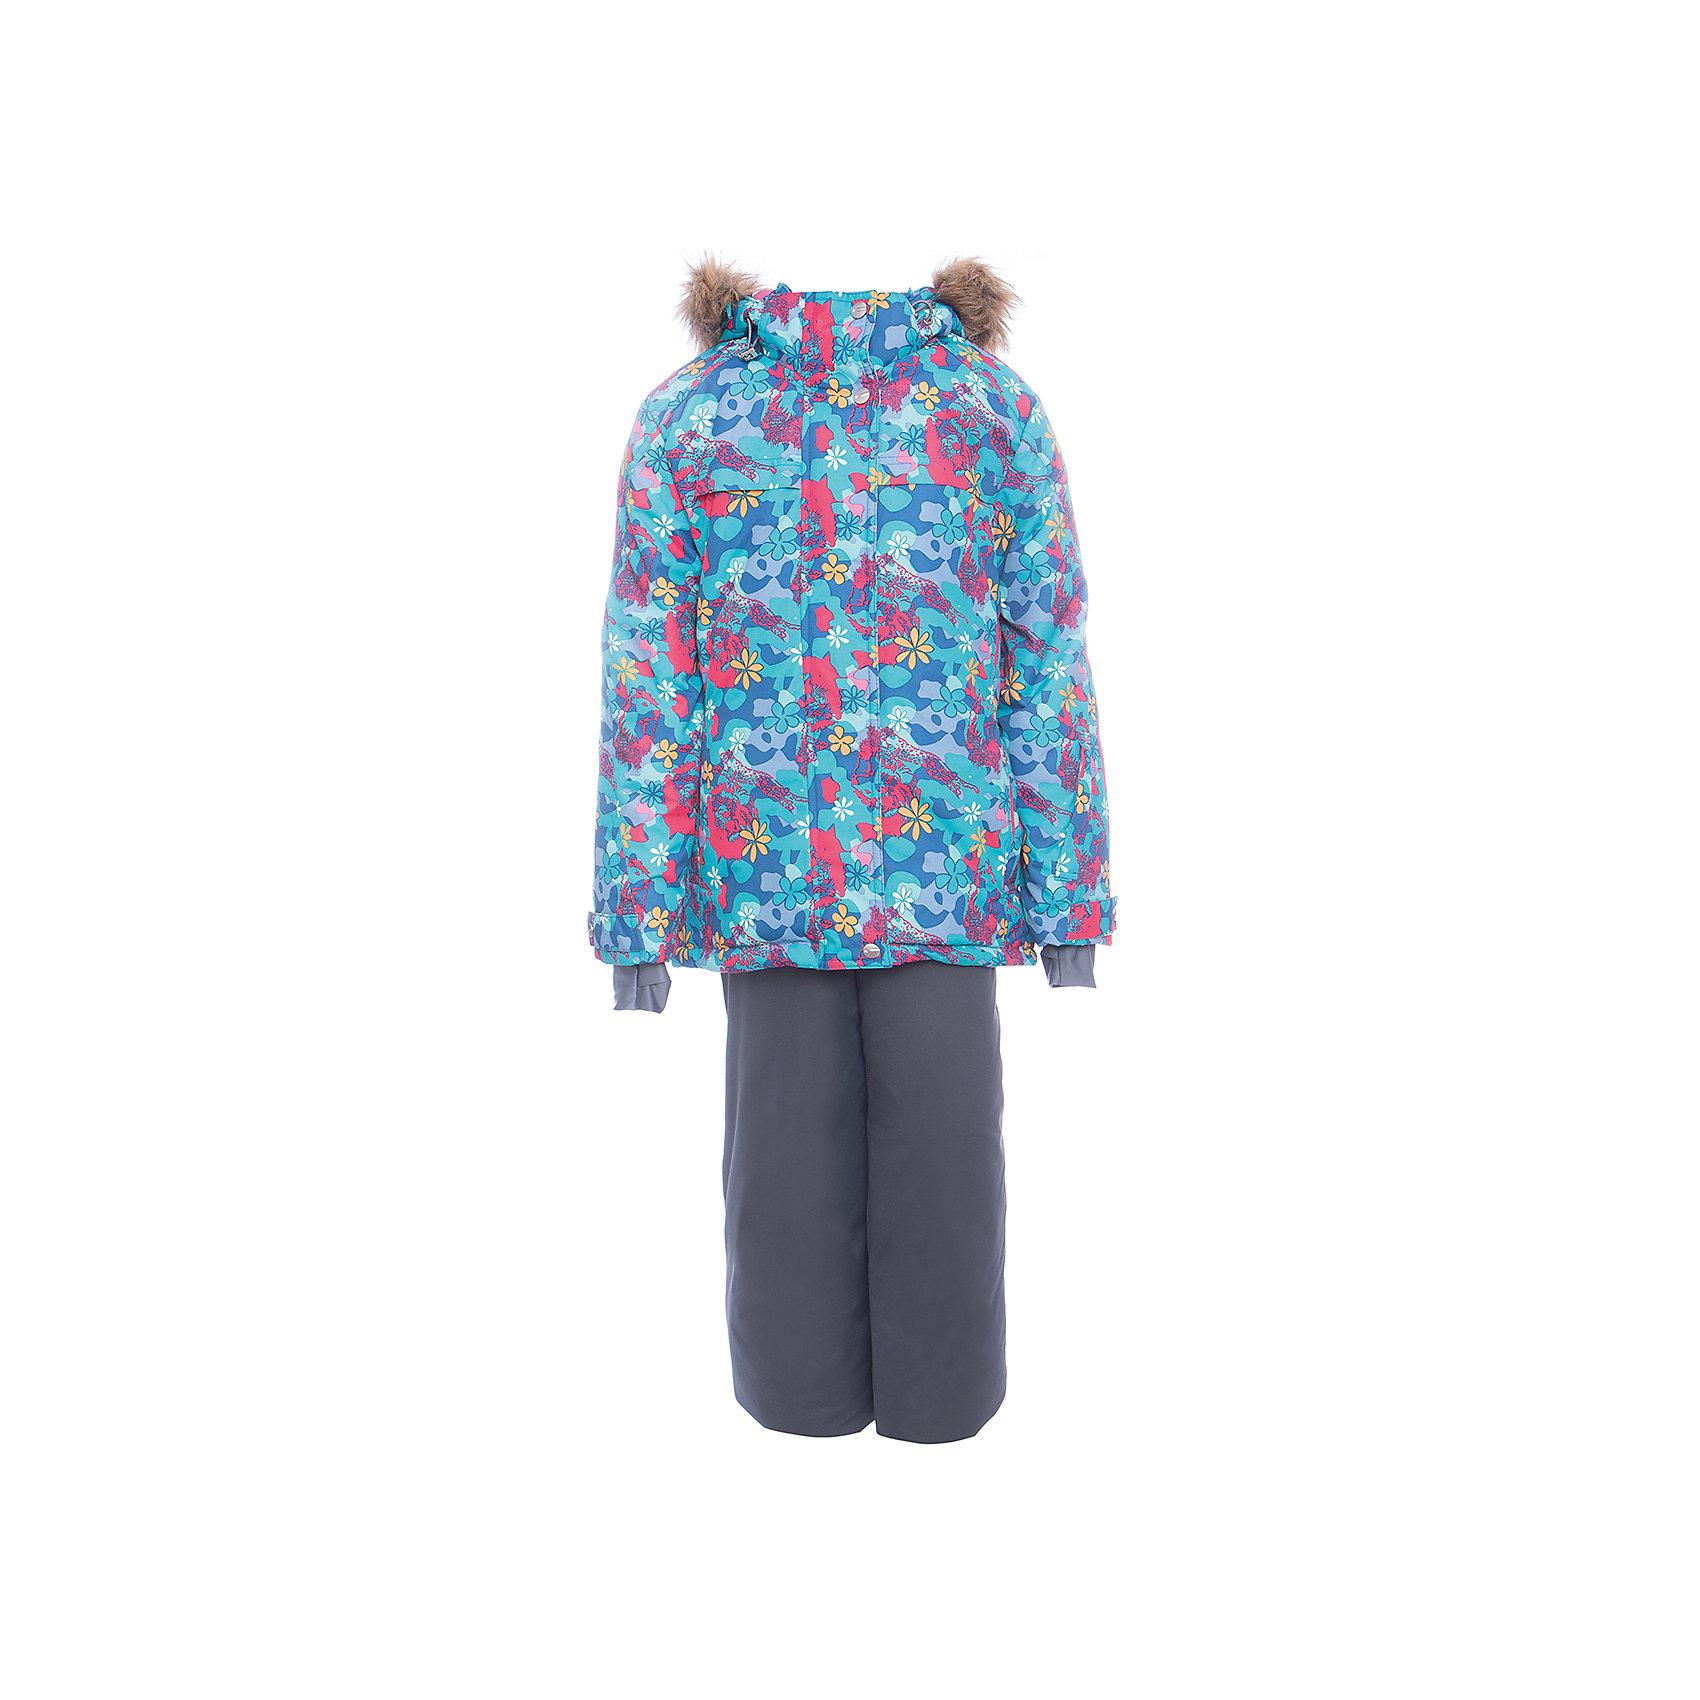 Комплект: куртка и полукомбенизон Эльза Batik для девочкиВерхняя одежда<br>Характеристики товара:<br><br>• цвет: бирюзовый<br>• комплектация: куртка и полукомбинезон <br>• состав ткани: таслан<br>• подкладка: поларфлис<br>• утеплитель: термофин <br>• сезон: зима<br>• мембранное покрытие<br>• температурный режим: от -25 до 0<br>• водонепроницаемость: 5000 мм <br>• паропроницаемость: 5000 г/м2<br>• плотность утеплителя: куртка - 350 г/м2, полукомбинезон - 150 г/м2<br>• застежка: молния<br>• капюшон: с мехом, отстегивается<br>• встроенный термодатчик<br>• страна бренда: Россия<br>• страна изготовитель: Россия<br><br>Яркий мембранный комплект для девочки позволяет создать комфортный микроклимат даже в сильные морозы. Благодаря мембранному покрытию детский зимний комплект не промокает и не продувается. Мягкая подкладка детского комплекта для зимы приятна на ощупь.<br><br>Комплект: куртка и полукомбинезон Эльза Batik (Батик) для девочки можно купить в нашем интернет-магазине.<br><br>Ширина мм: 356<br>Глубина мм: 10<br>Высота мм: 245<br>Вес г: 519<br>Цвет: бирюзовый<br>Возраст от месяцев: 144<br>Возраст до месяцев: 156<br>Пол: Женский<br>Возраст: Детский<br>Размер: 158,146,152<br>SKU: 7028055